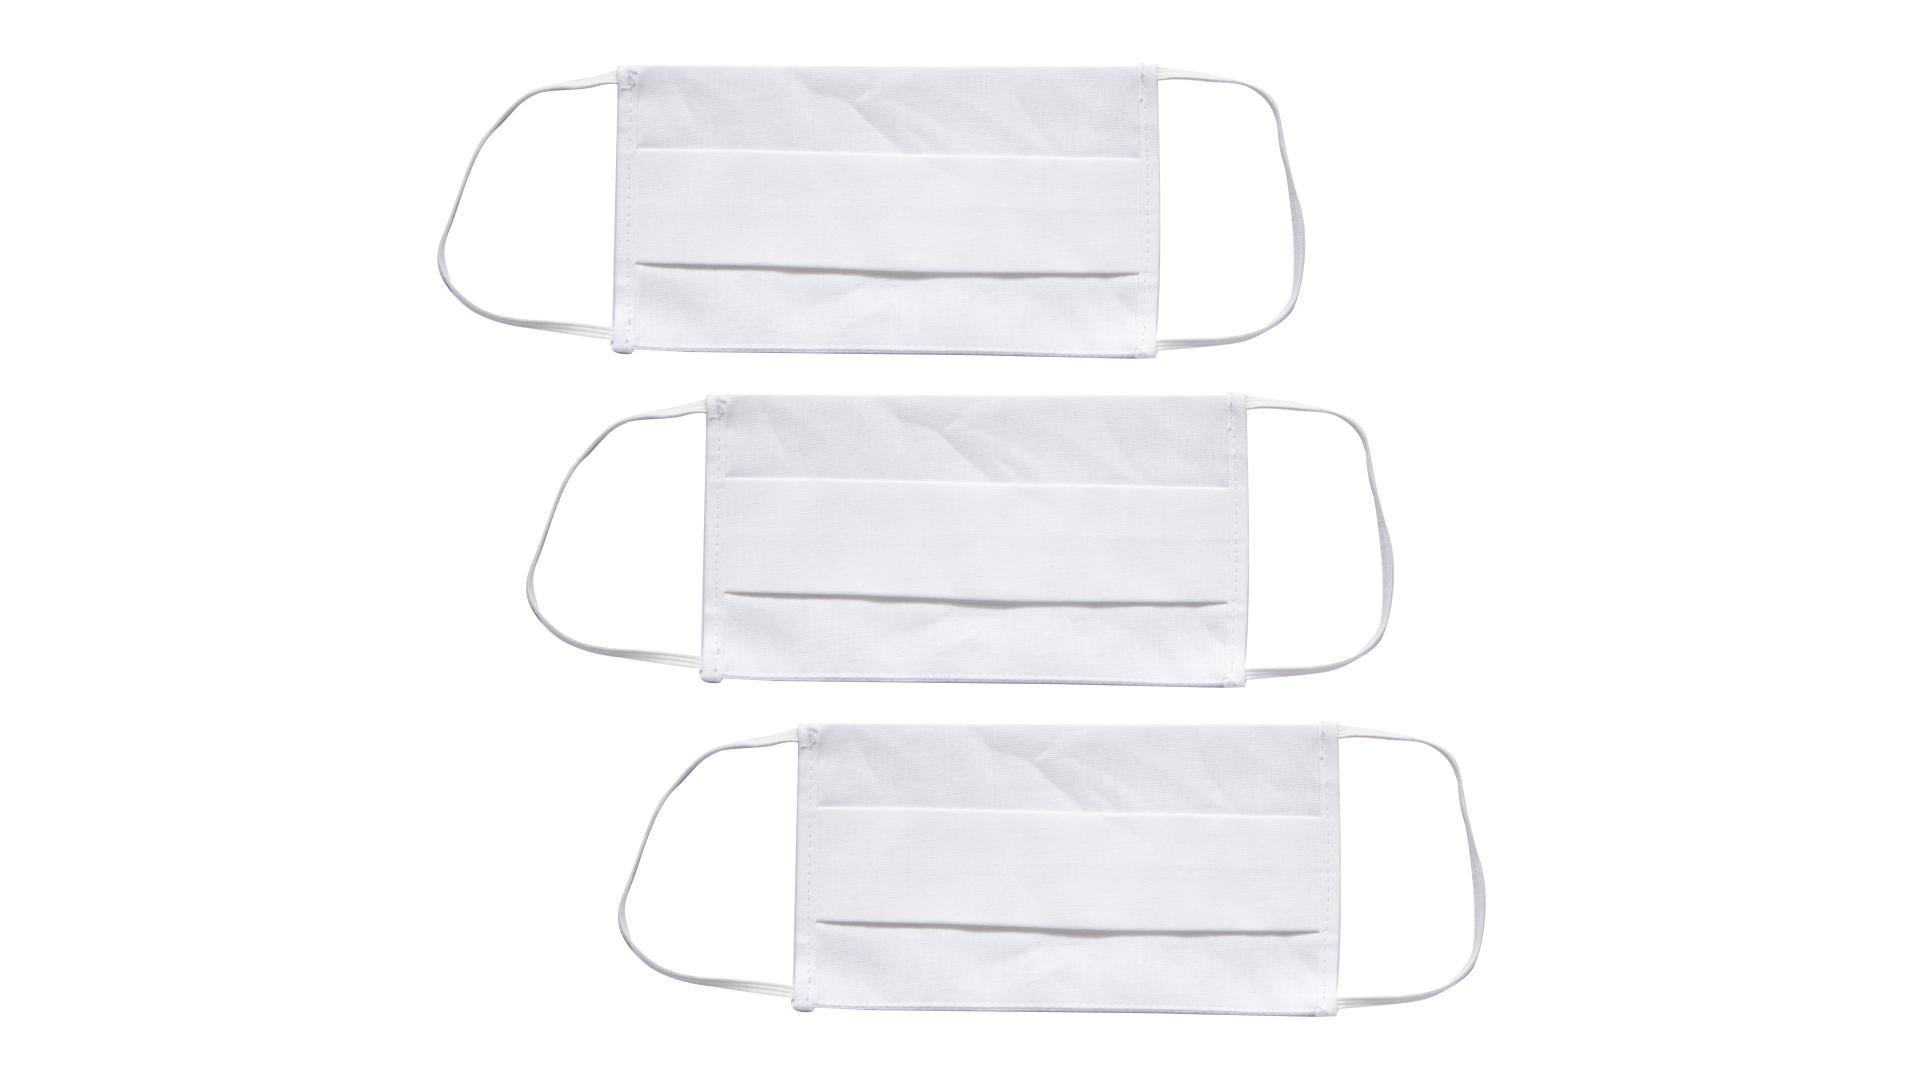 4CARS Dvojvrstvové ochranné bavlnené rúško biele  s gumičkou 3ks - menšie